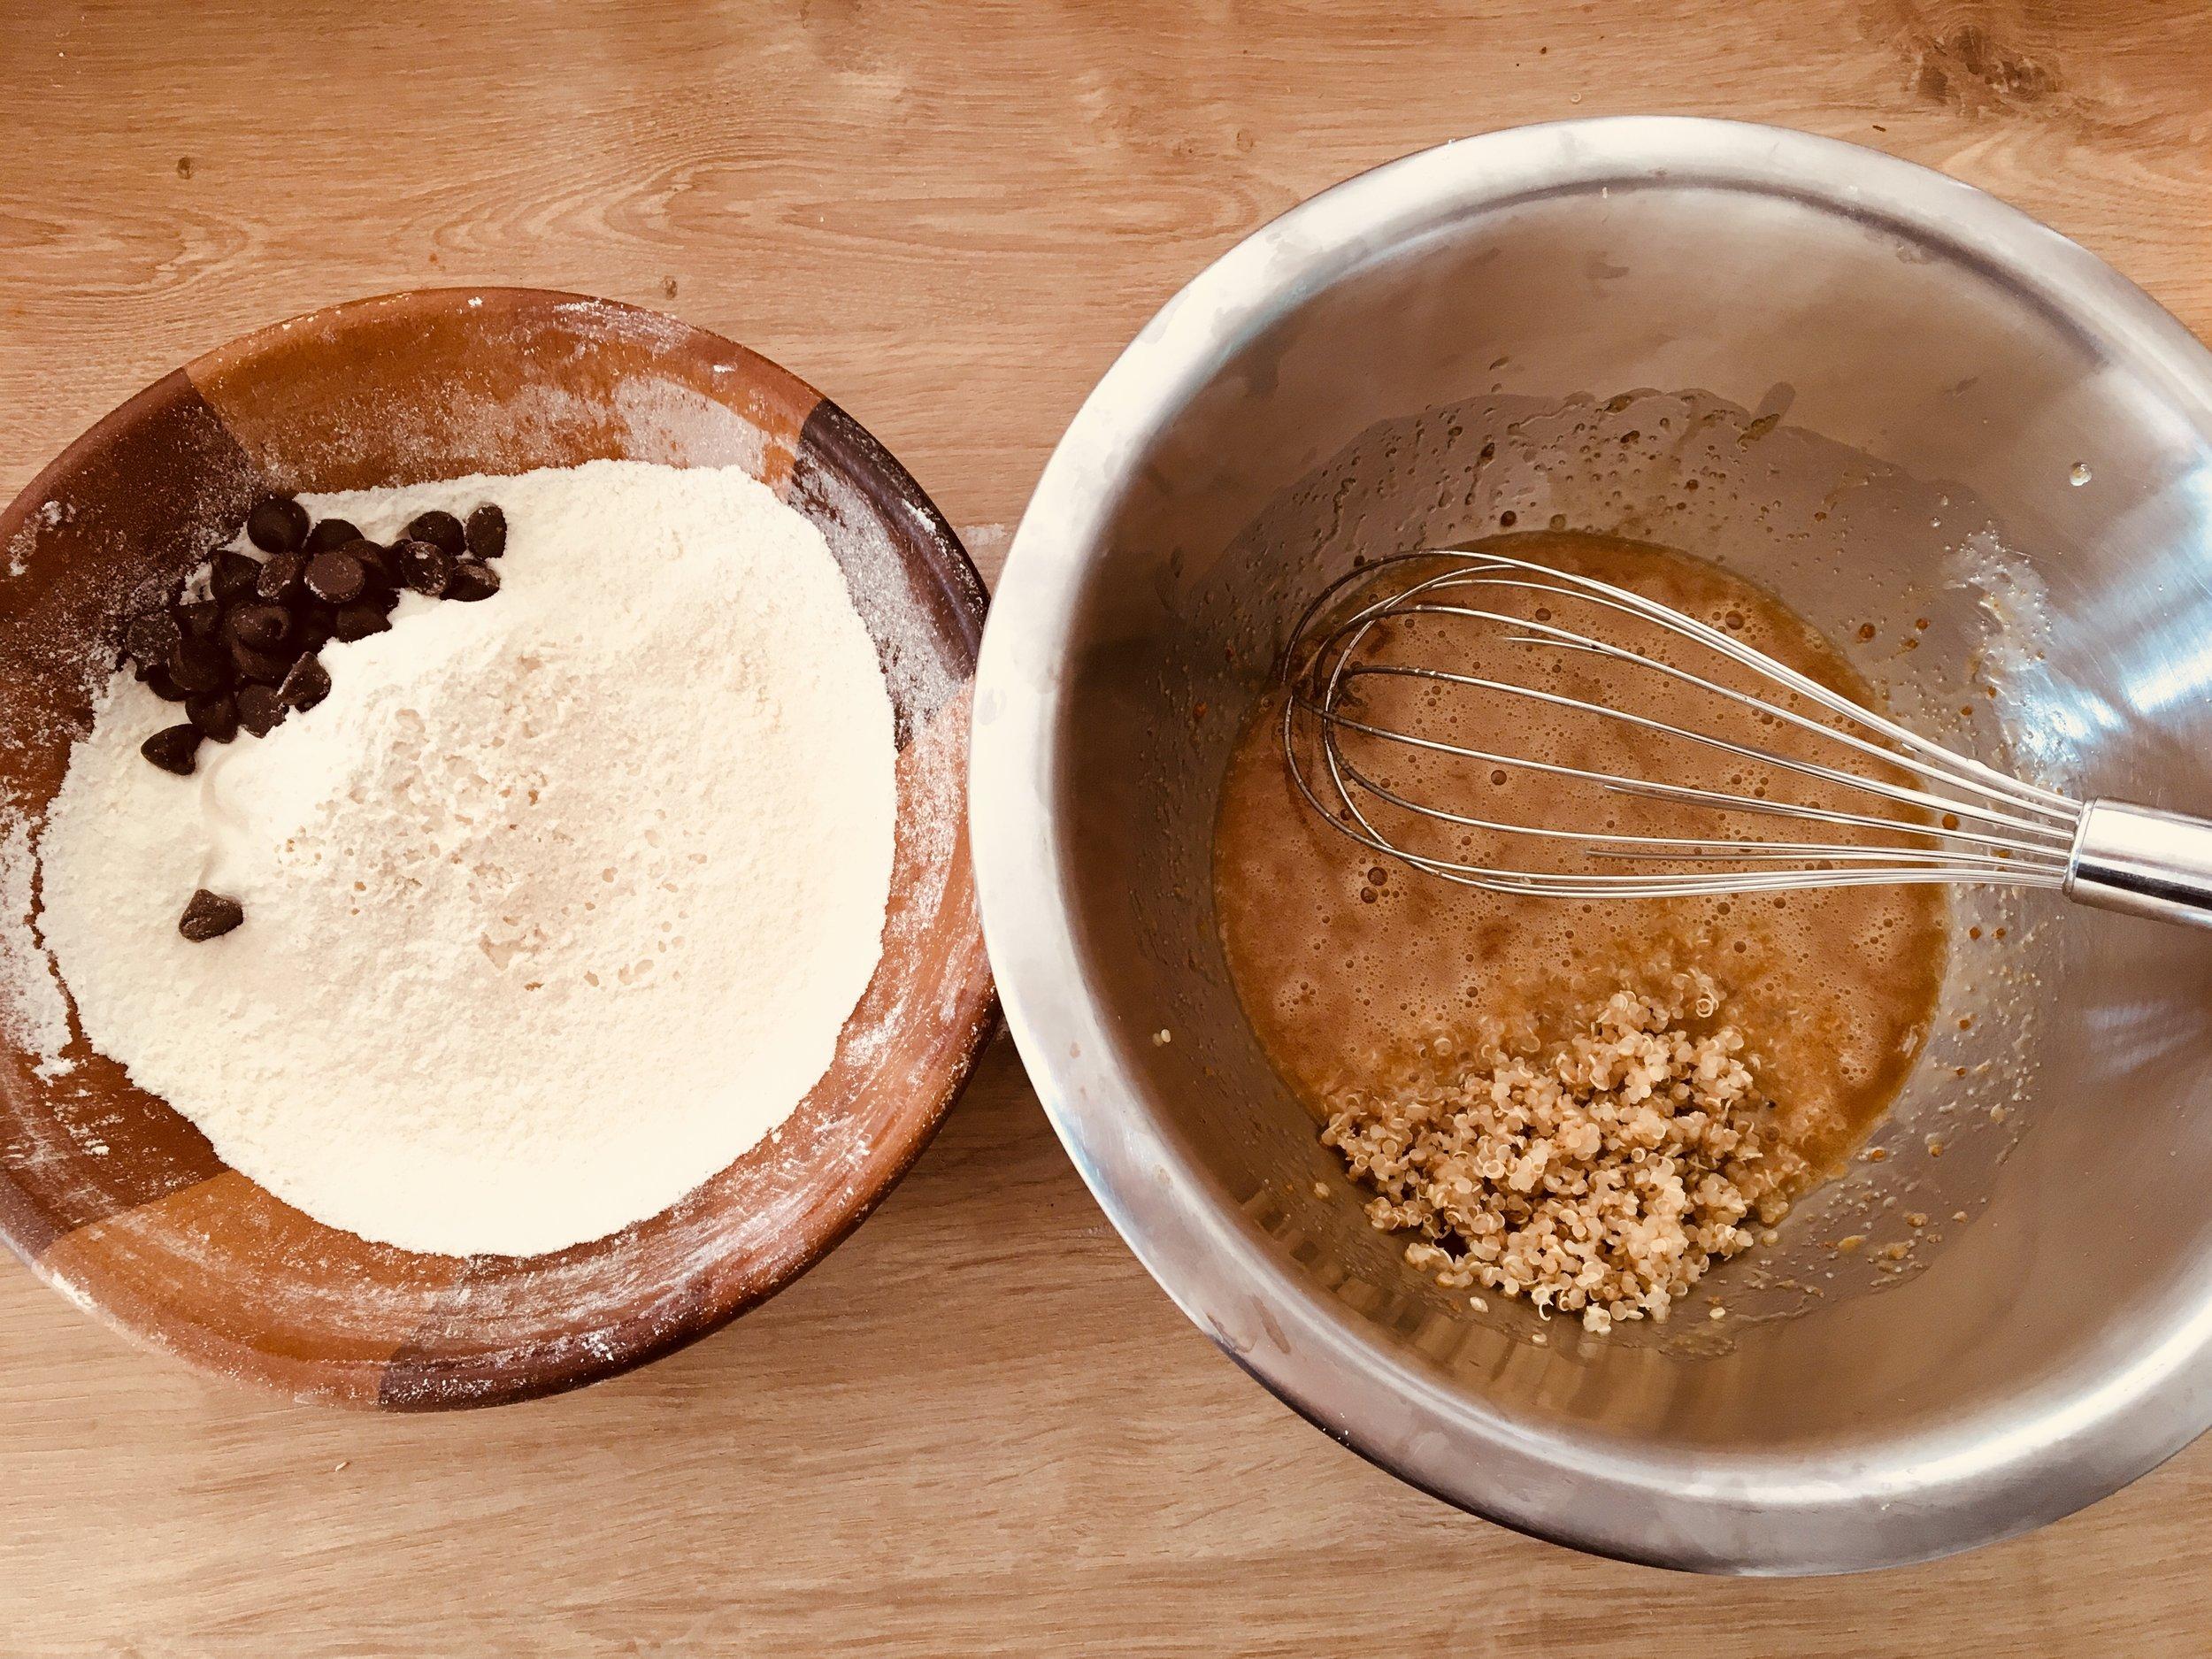 1. Préchauffez le four à 160°C chaleur tournante.  2. Mélanger le beurre fondu (mais tiède) et les sucres.  3. Ajouter le jaune d'œuf, le quinoa et le sel. Mélanger.  4. Ajouter la farine tamisée. Mélanger  5. Hacher le chocolat et incorporer.